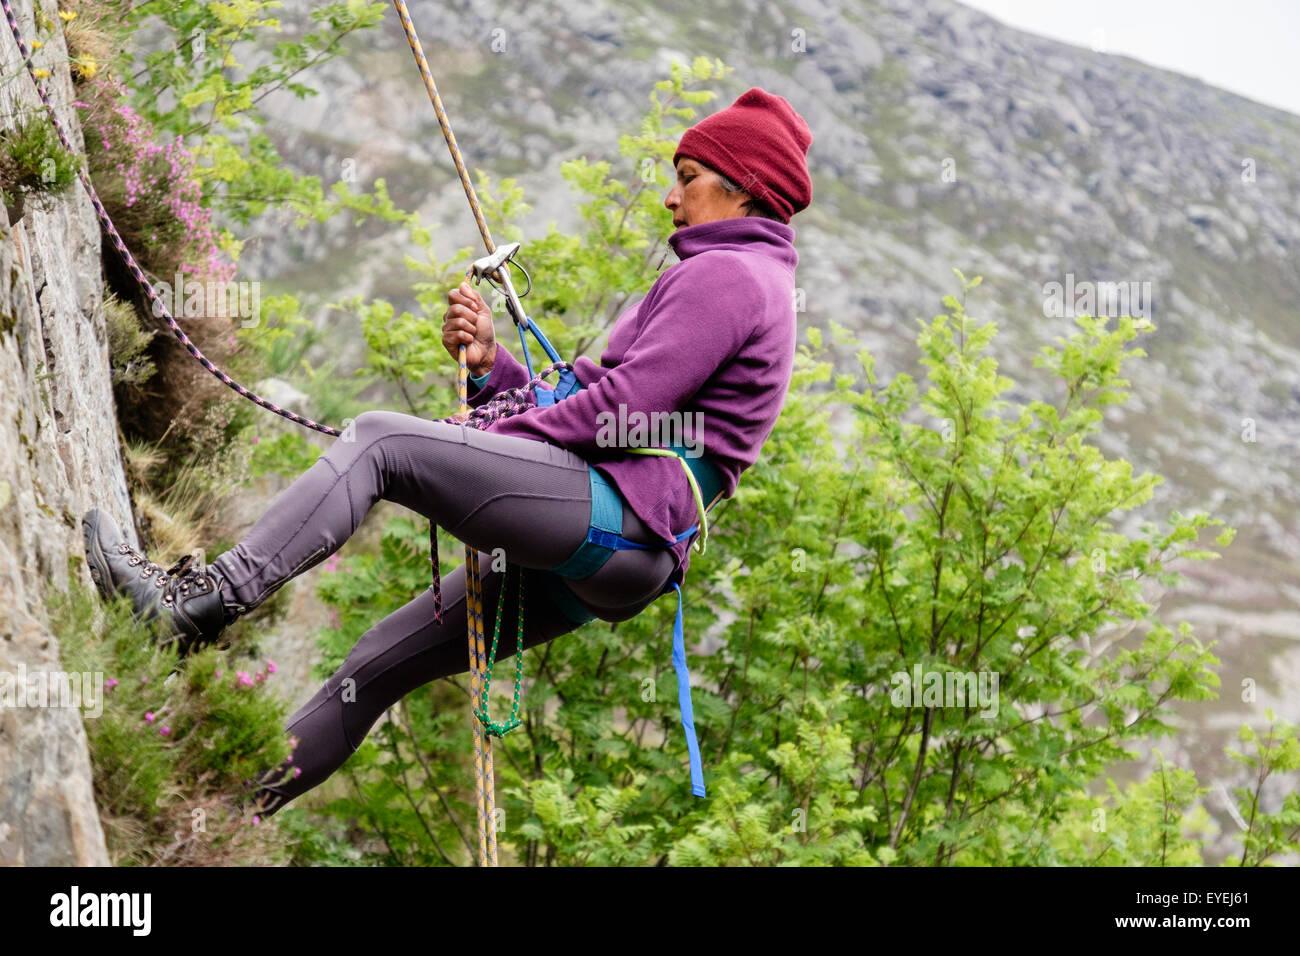 Klettergurt Mit Selbstsicherung : Weiblichen rock climber mit einem sicherungsseil und klettergurt auf